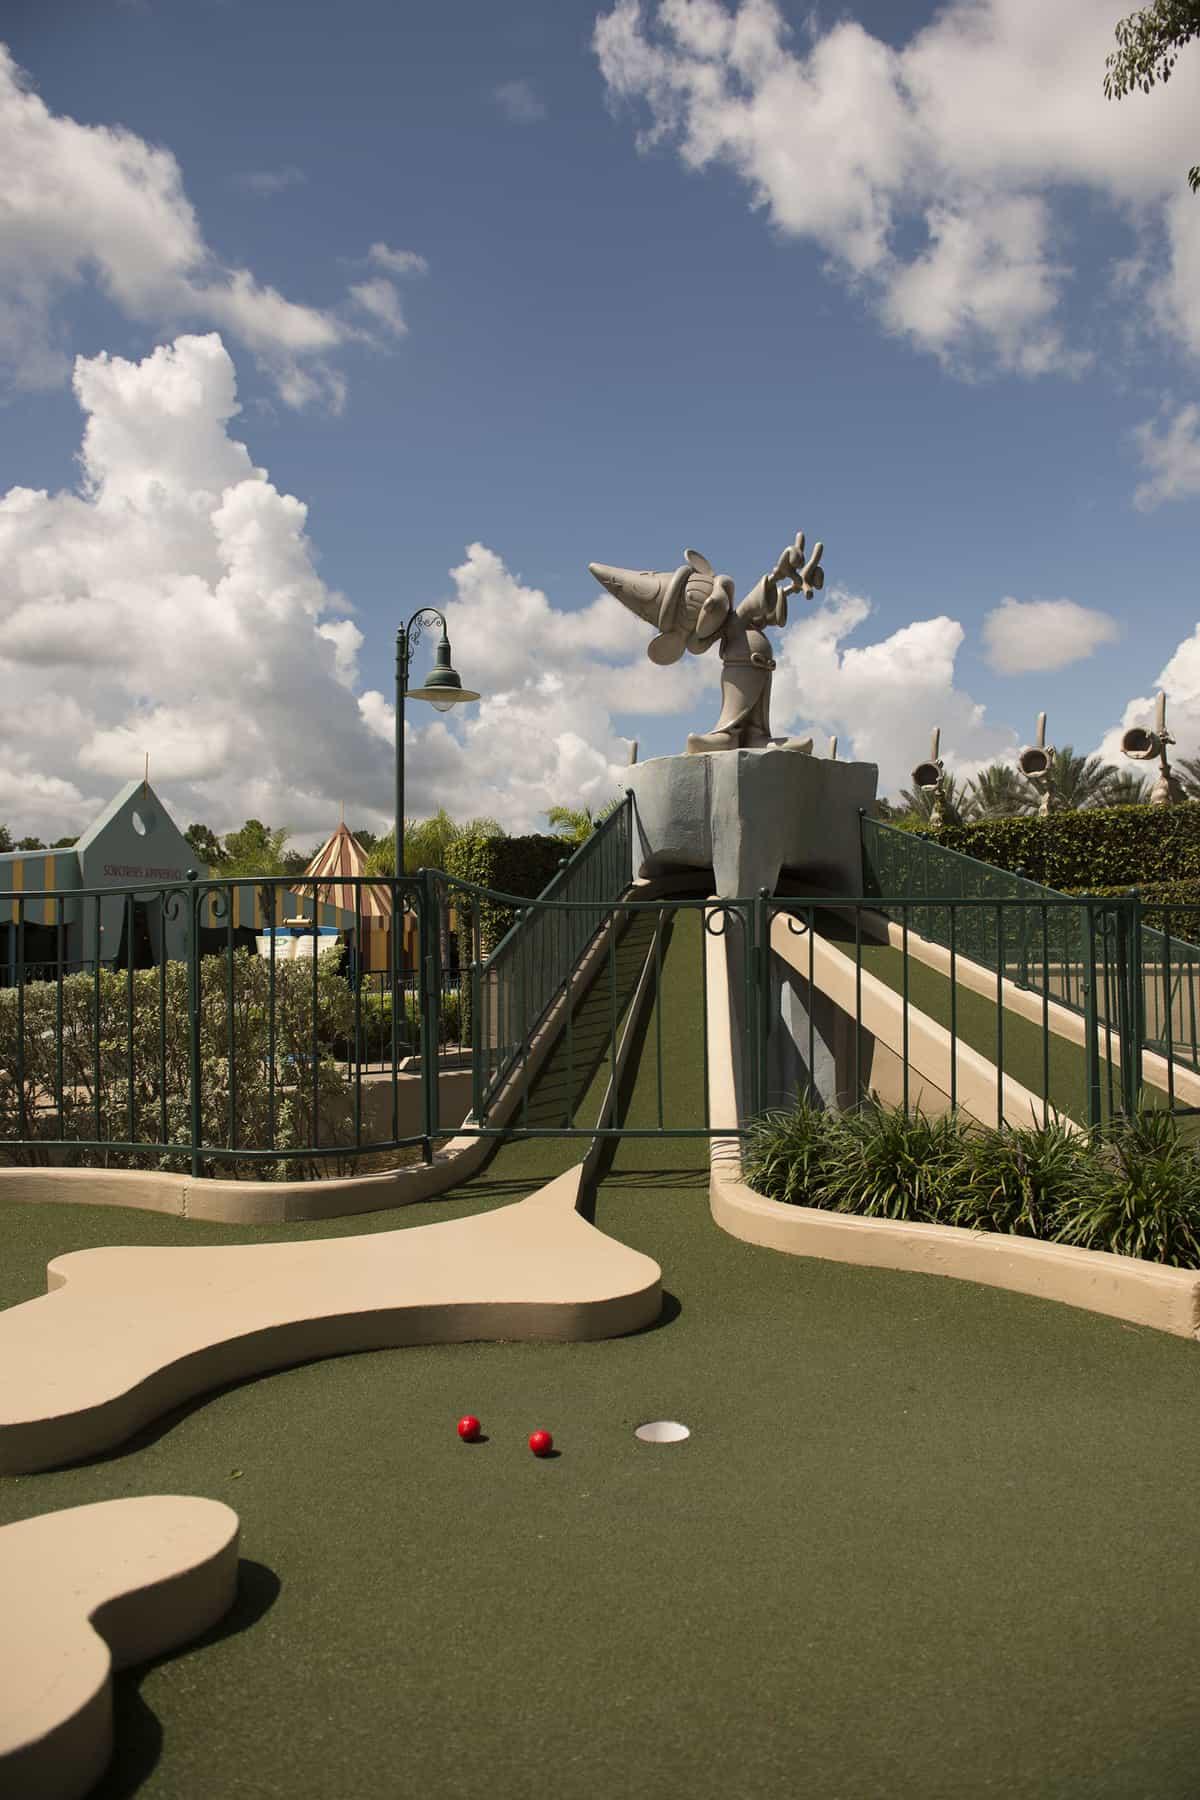 Miniature Golf At Walt Disney World Winter Summerland Vs Fantasia Gardens Disney Dining Information